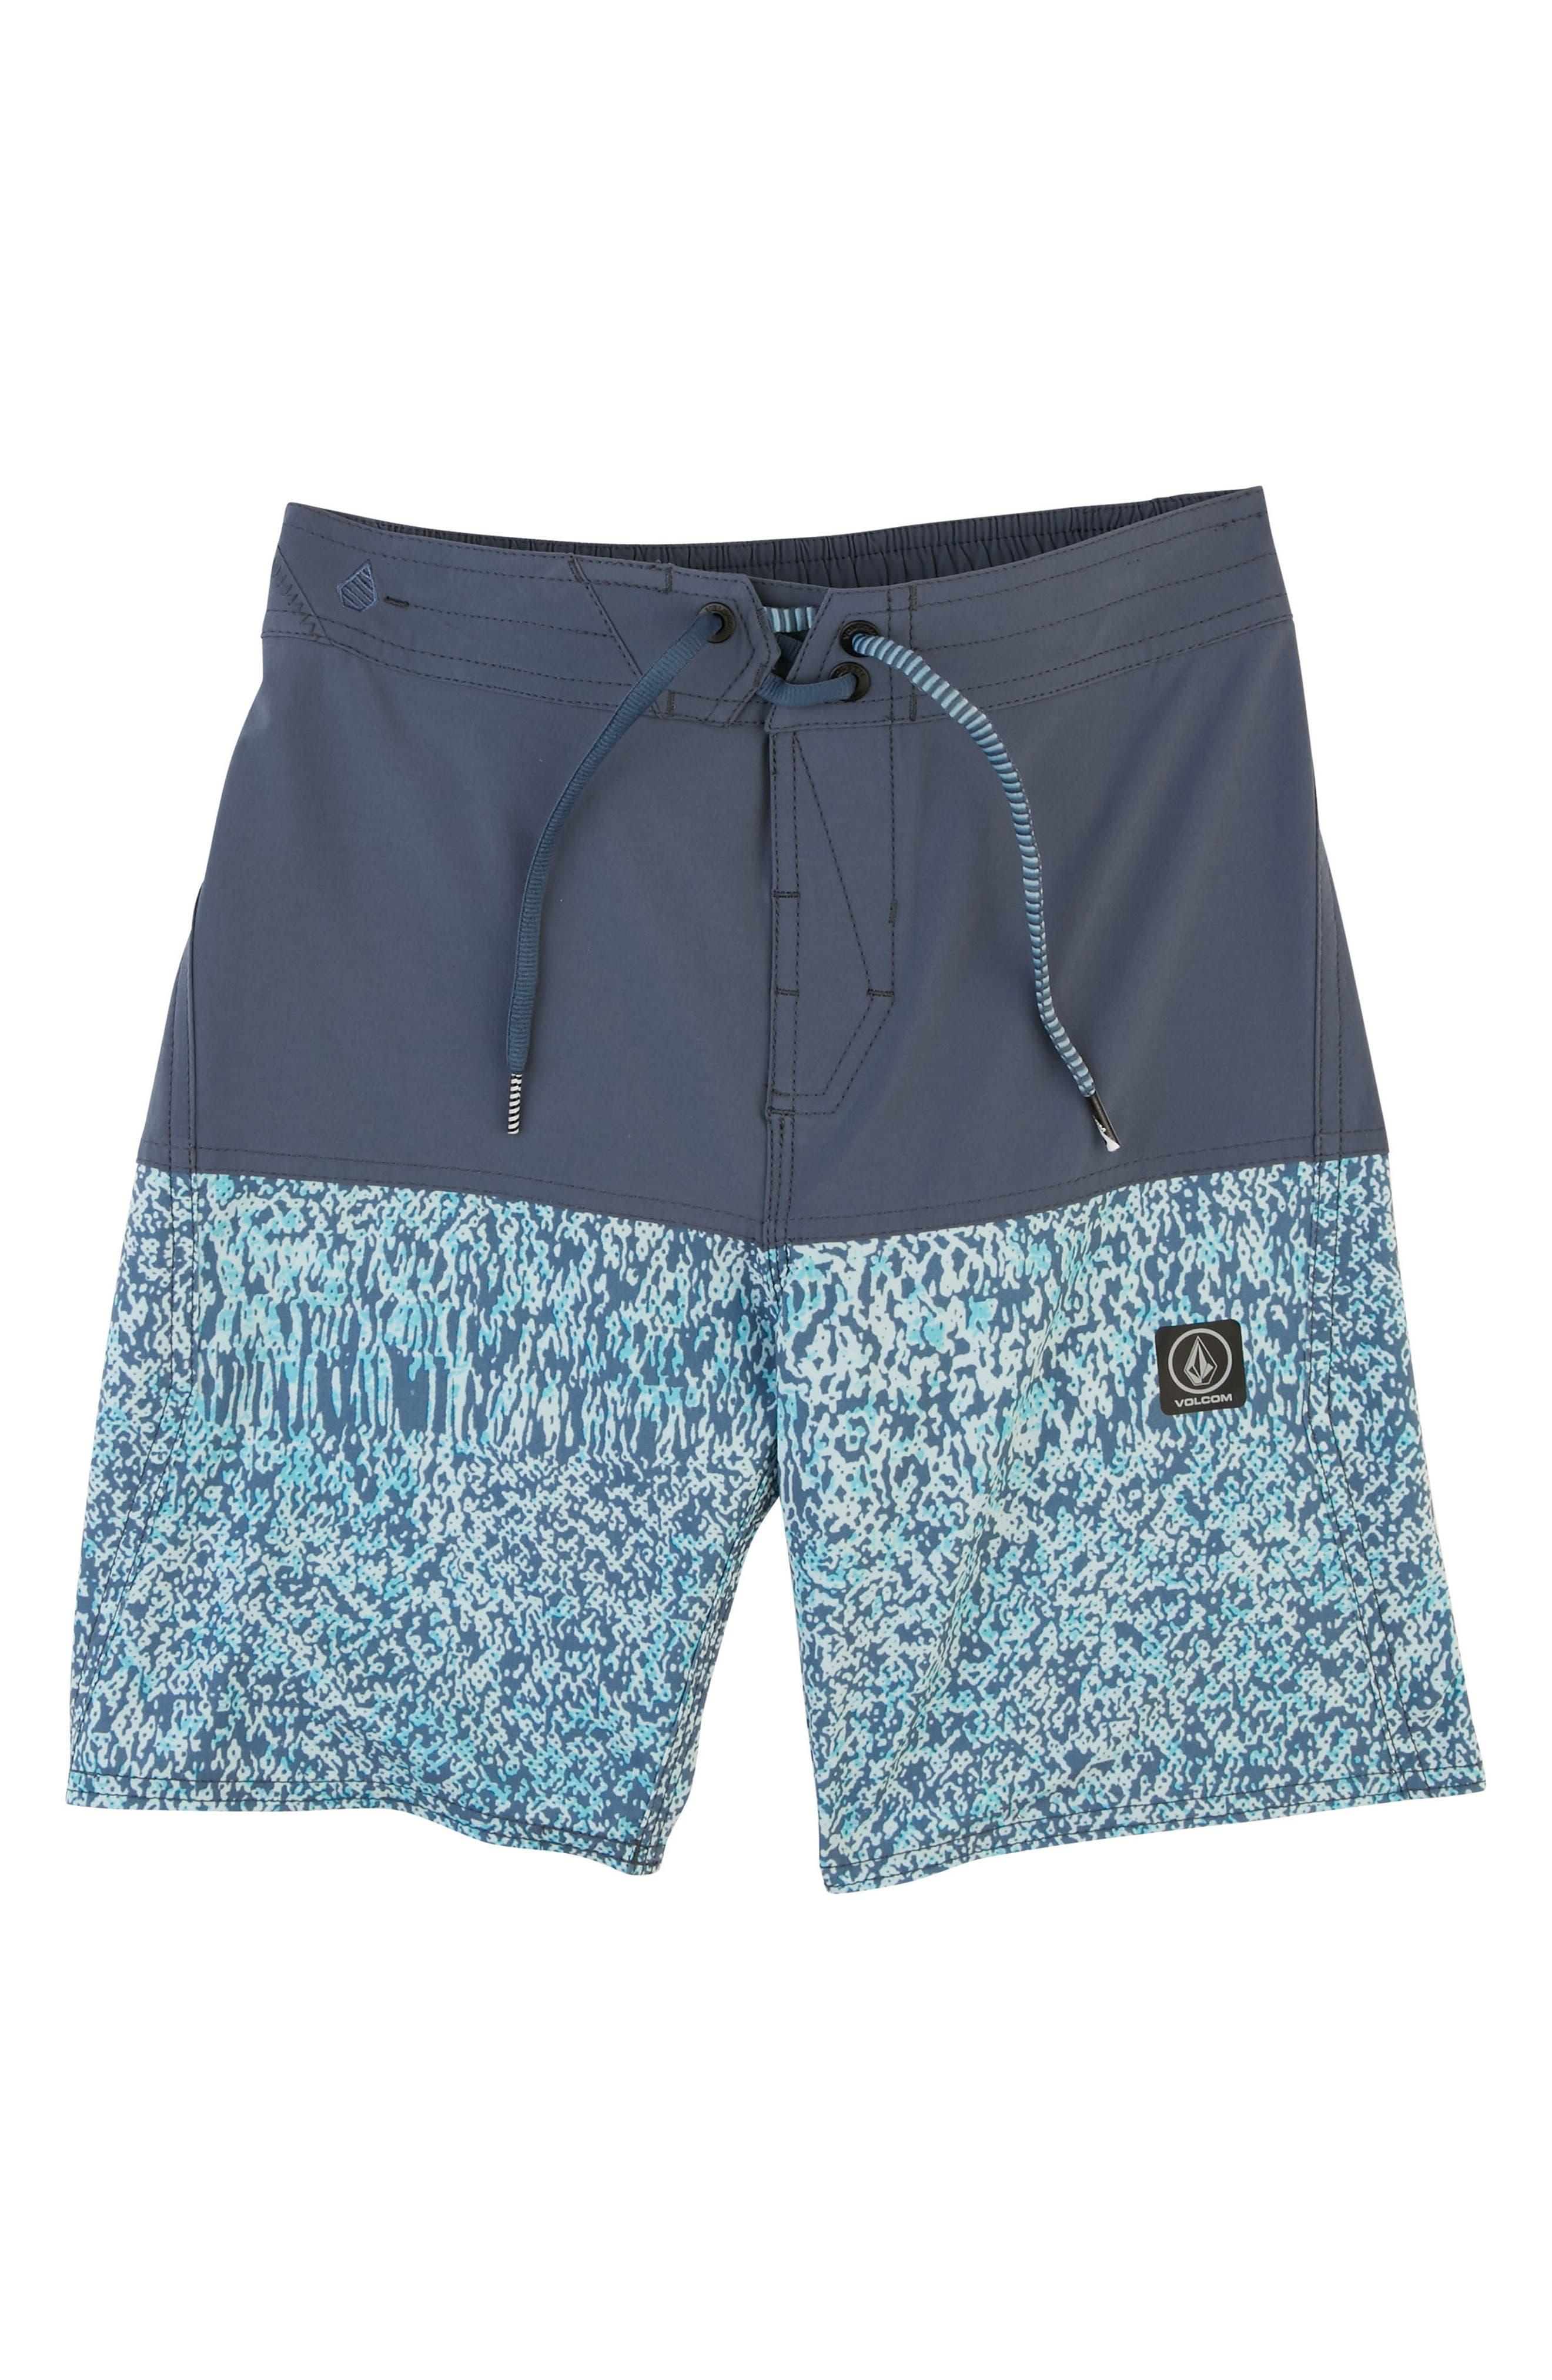 Vibes Board Shorts,                             Main thumbnail 1, color,                             Deep Blue